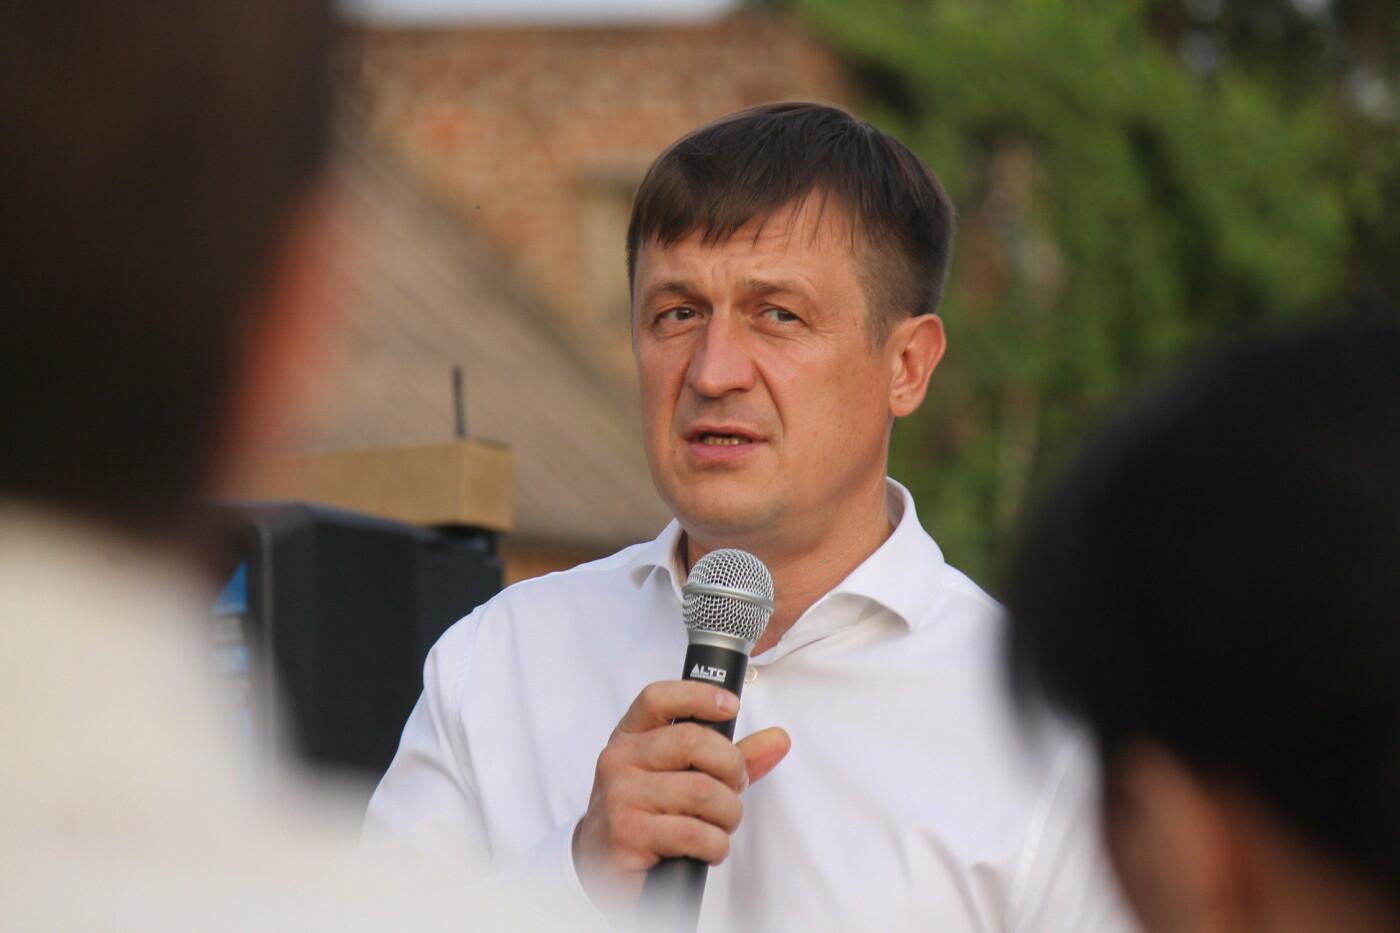 Новое освещение и детская площадка: Игорь Чумаченко продолжает реализовывать программу развития частного сектора, фото-1